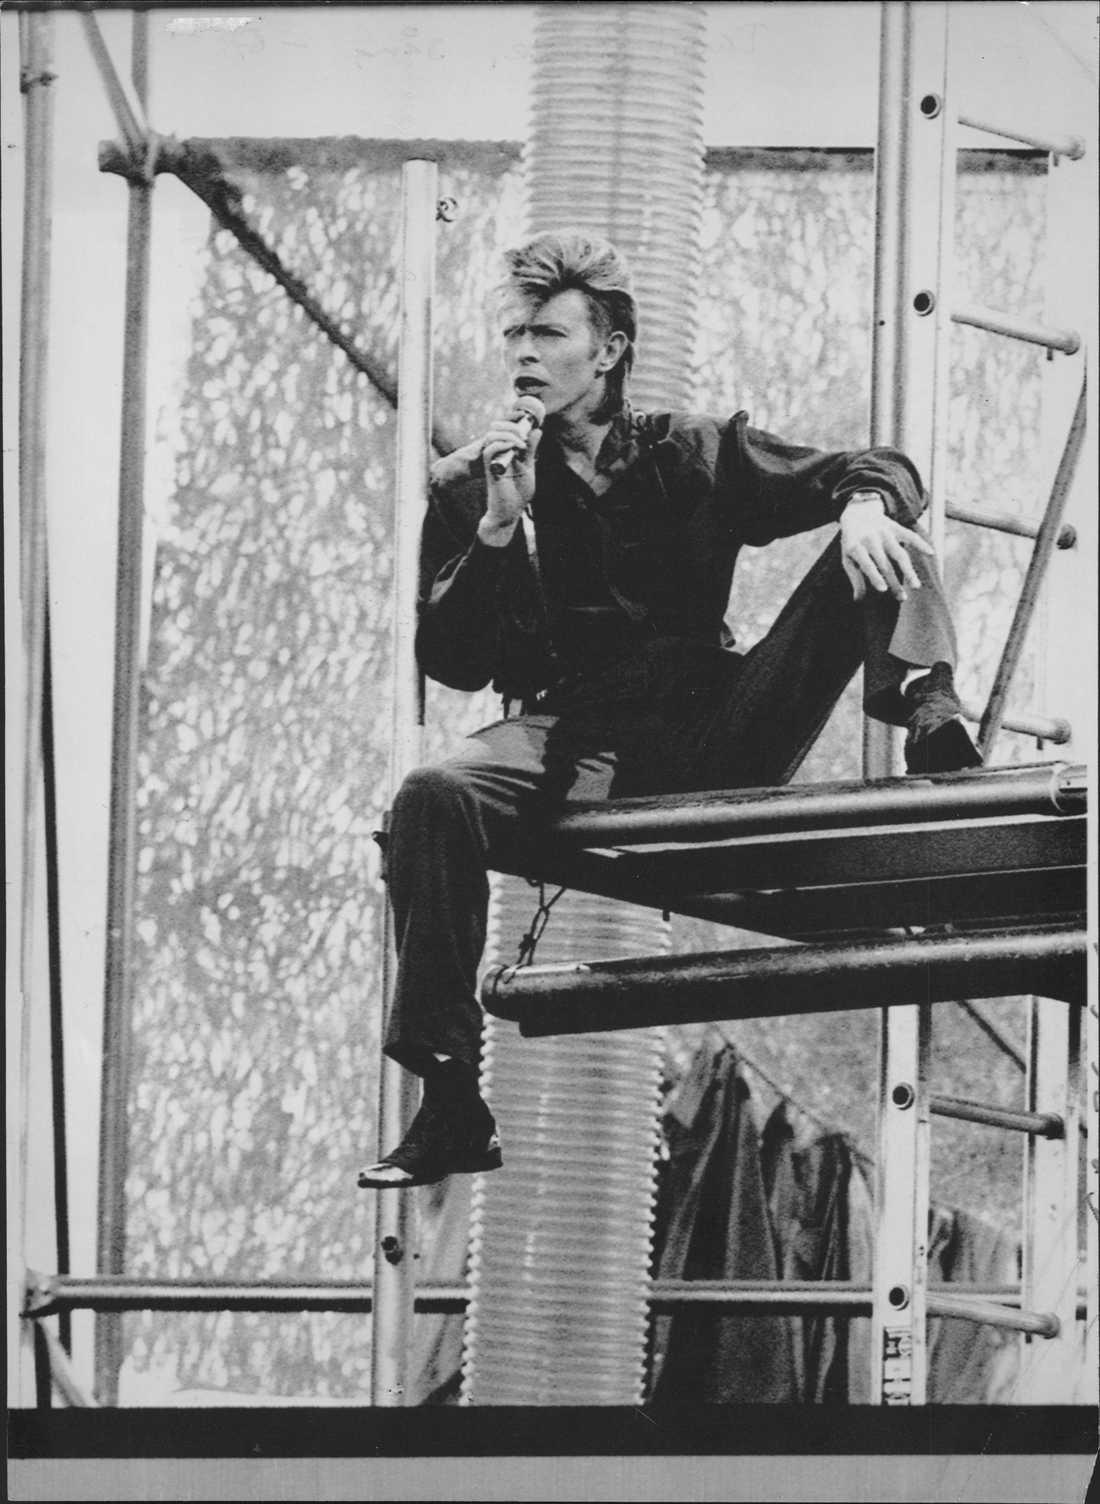 """David Bowie tog sin """"Glass spider tour"""" till Eriksbergsvarvet i Göteborg den 27 juni 1987."""